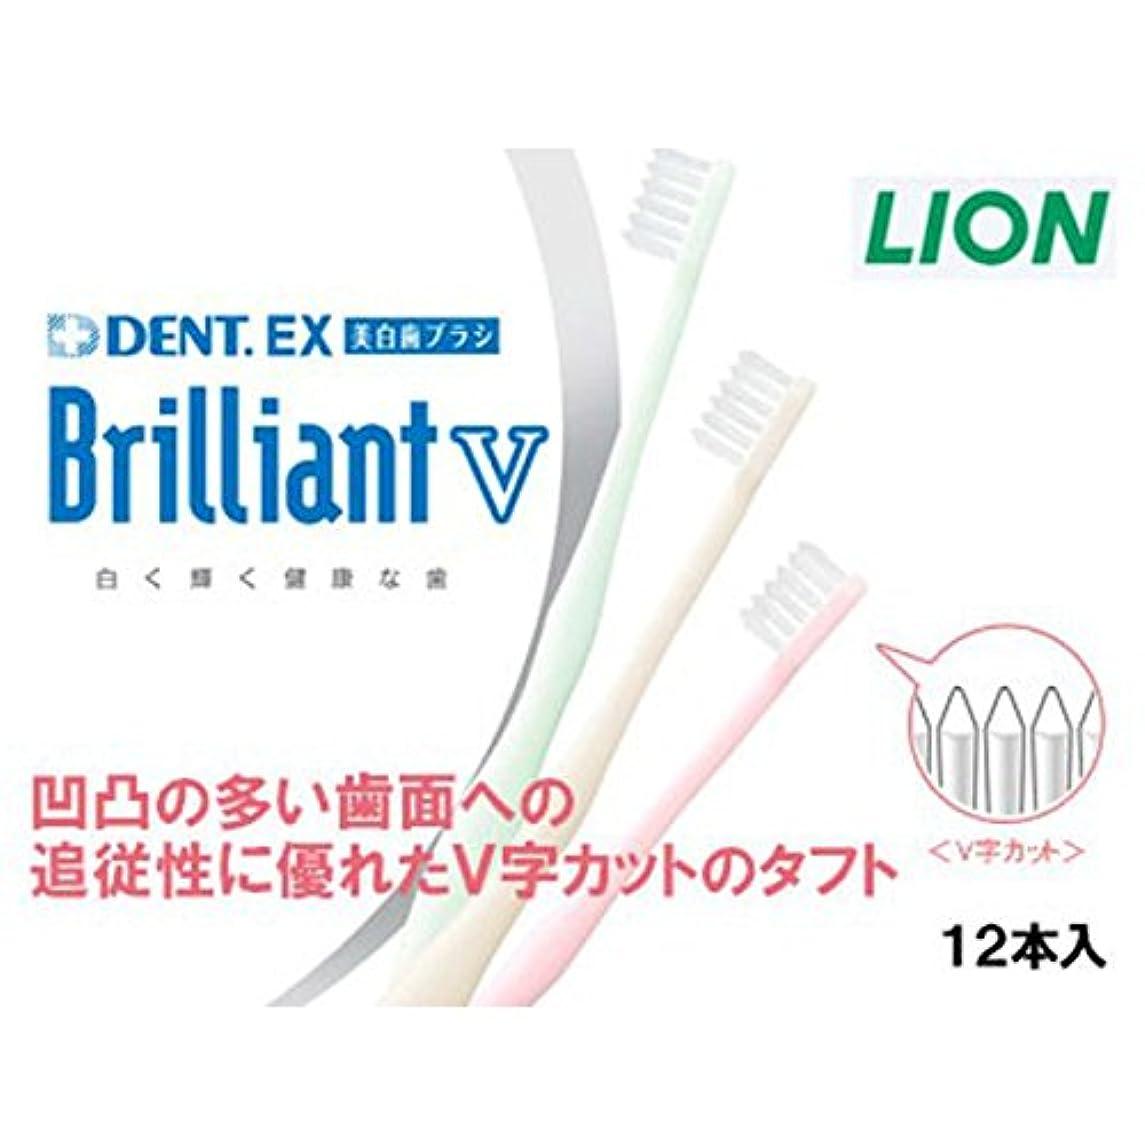 リダクターとにかく容赦ないライオン ブリリアントV 歯ブラシ DENT.EX BrilliantV 12本